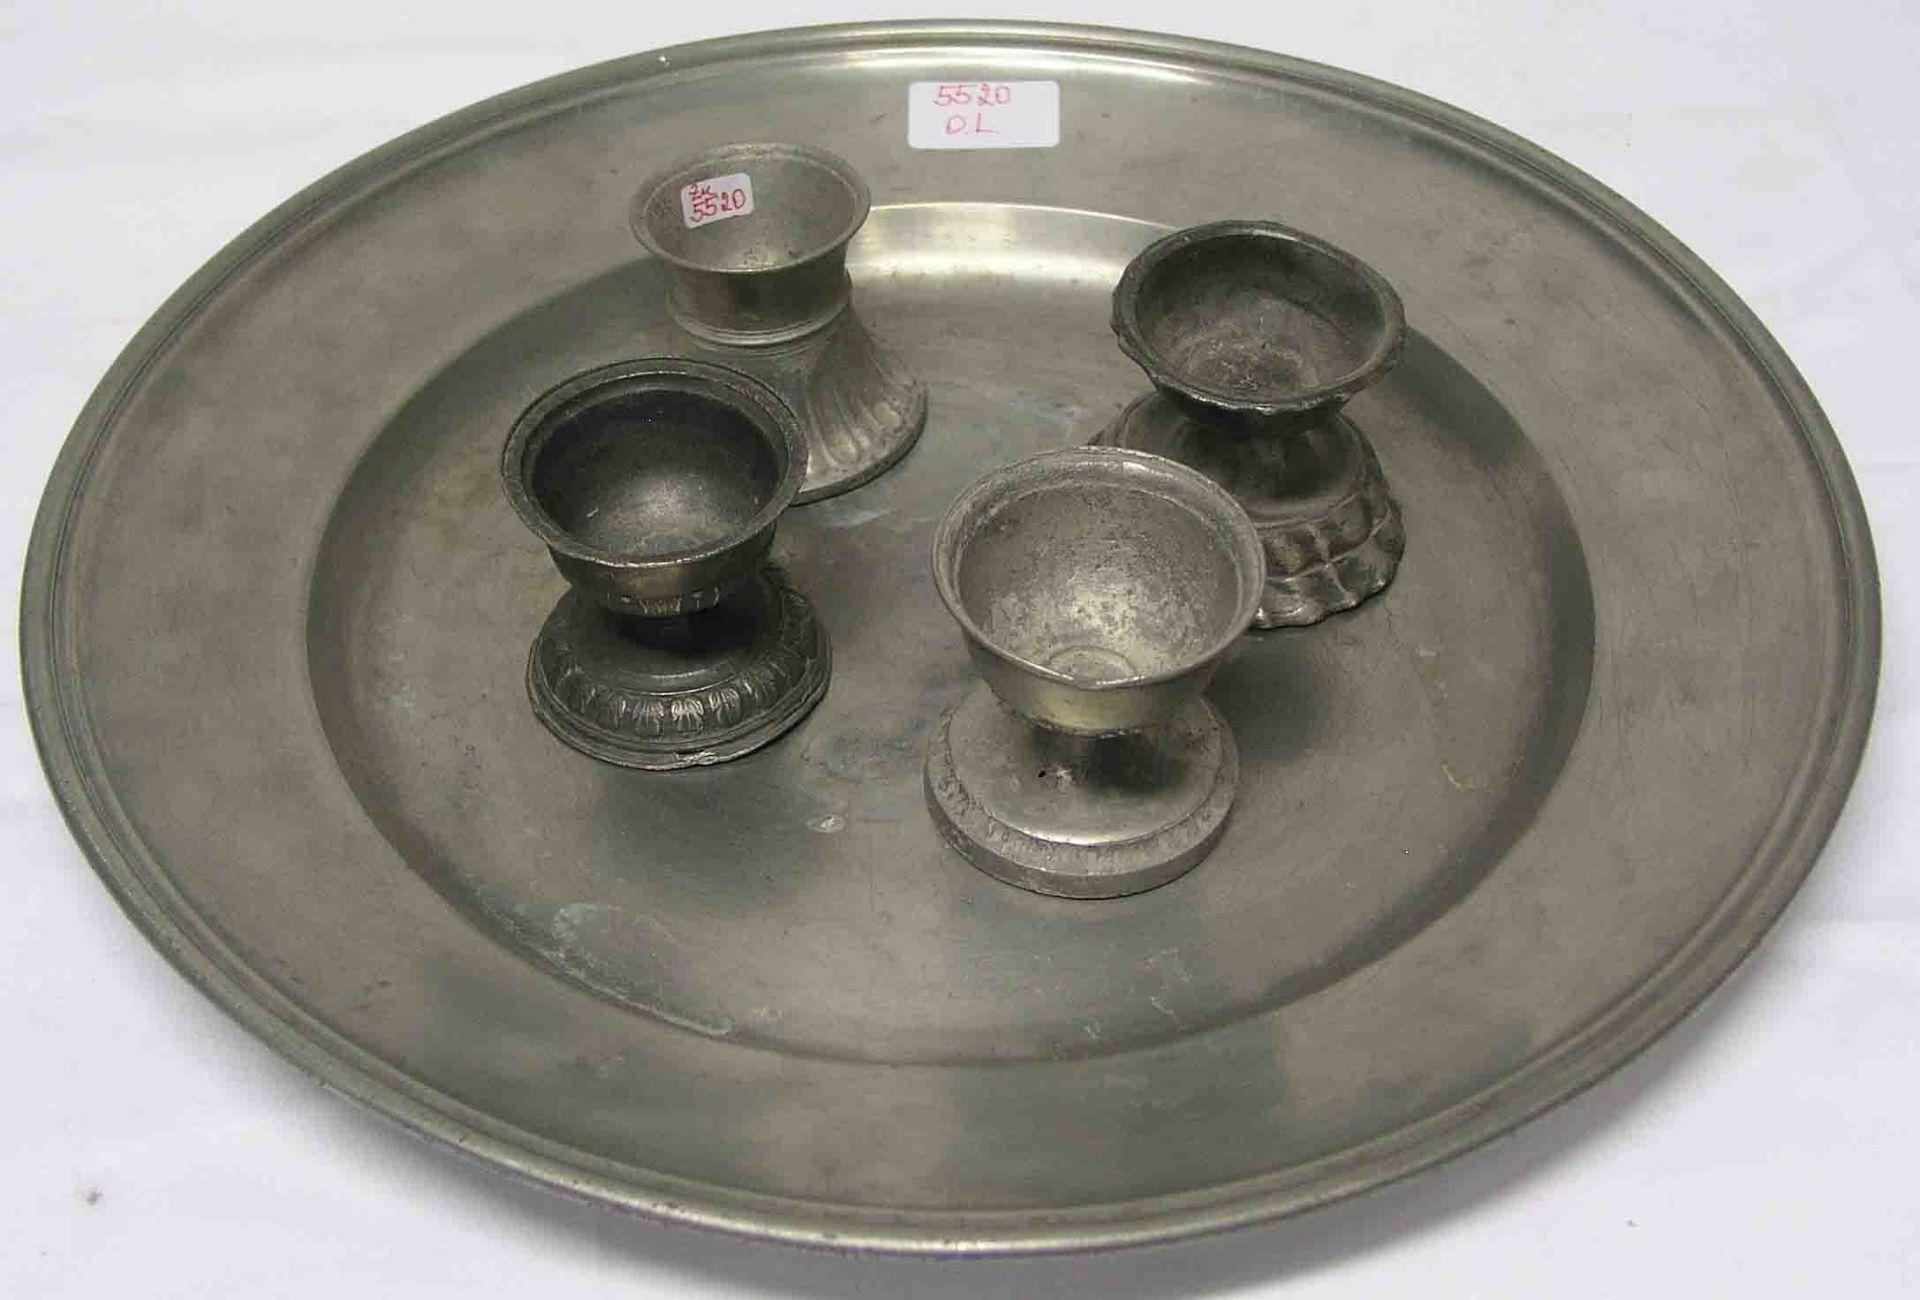 Großer Teller, Durchmesser: 39cm.